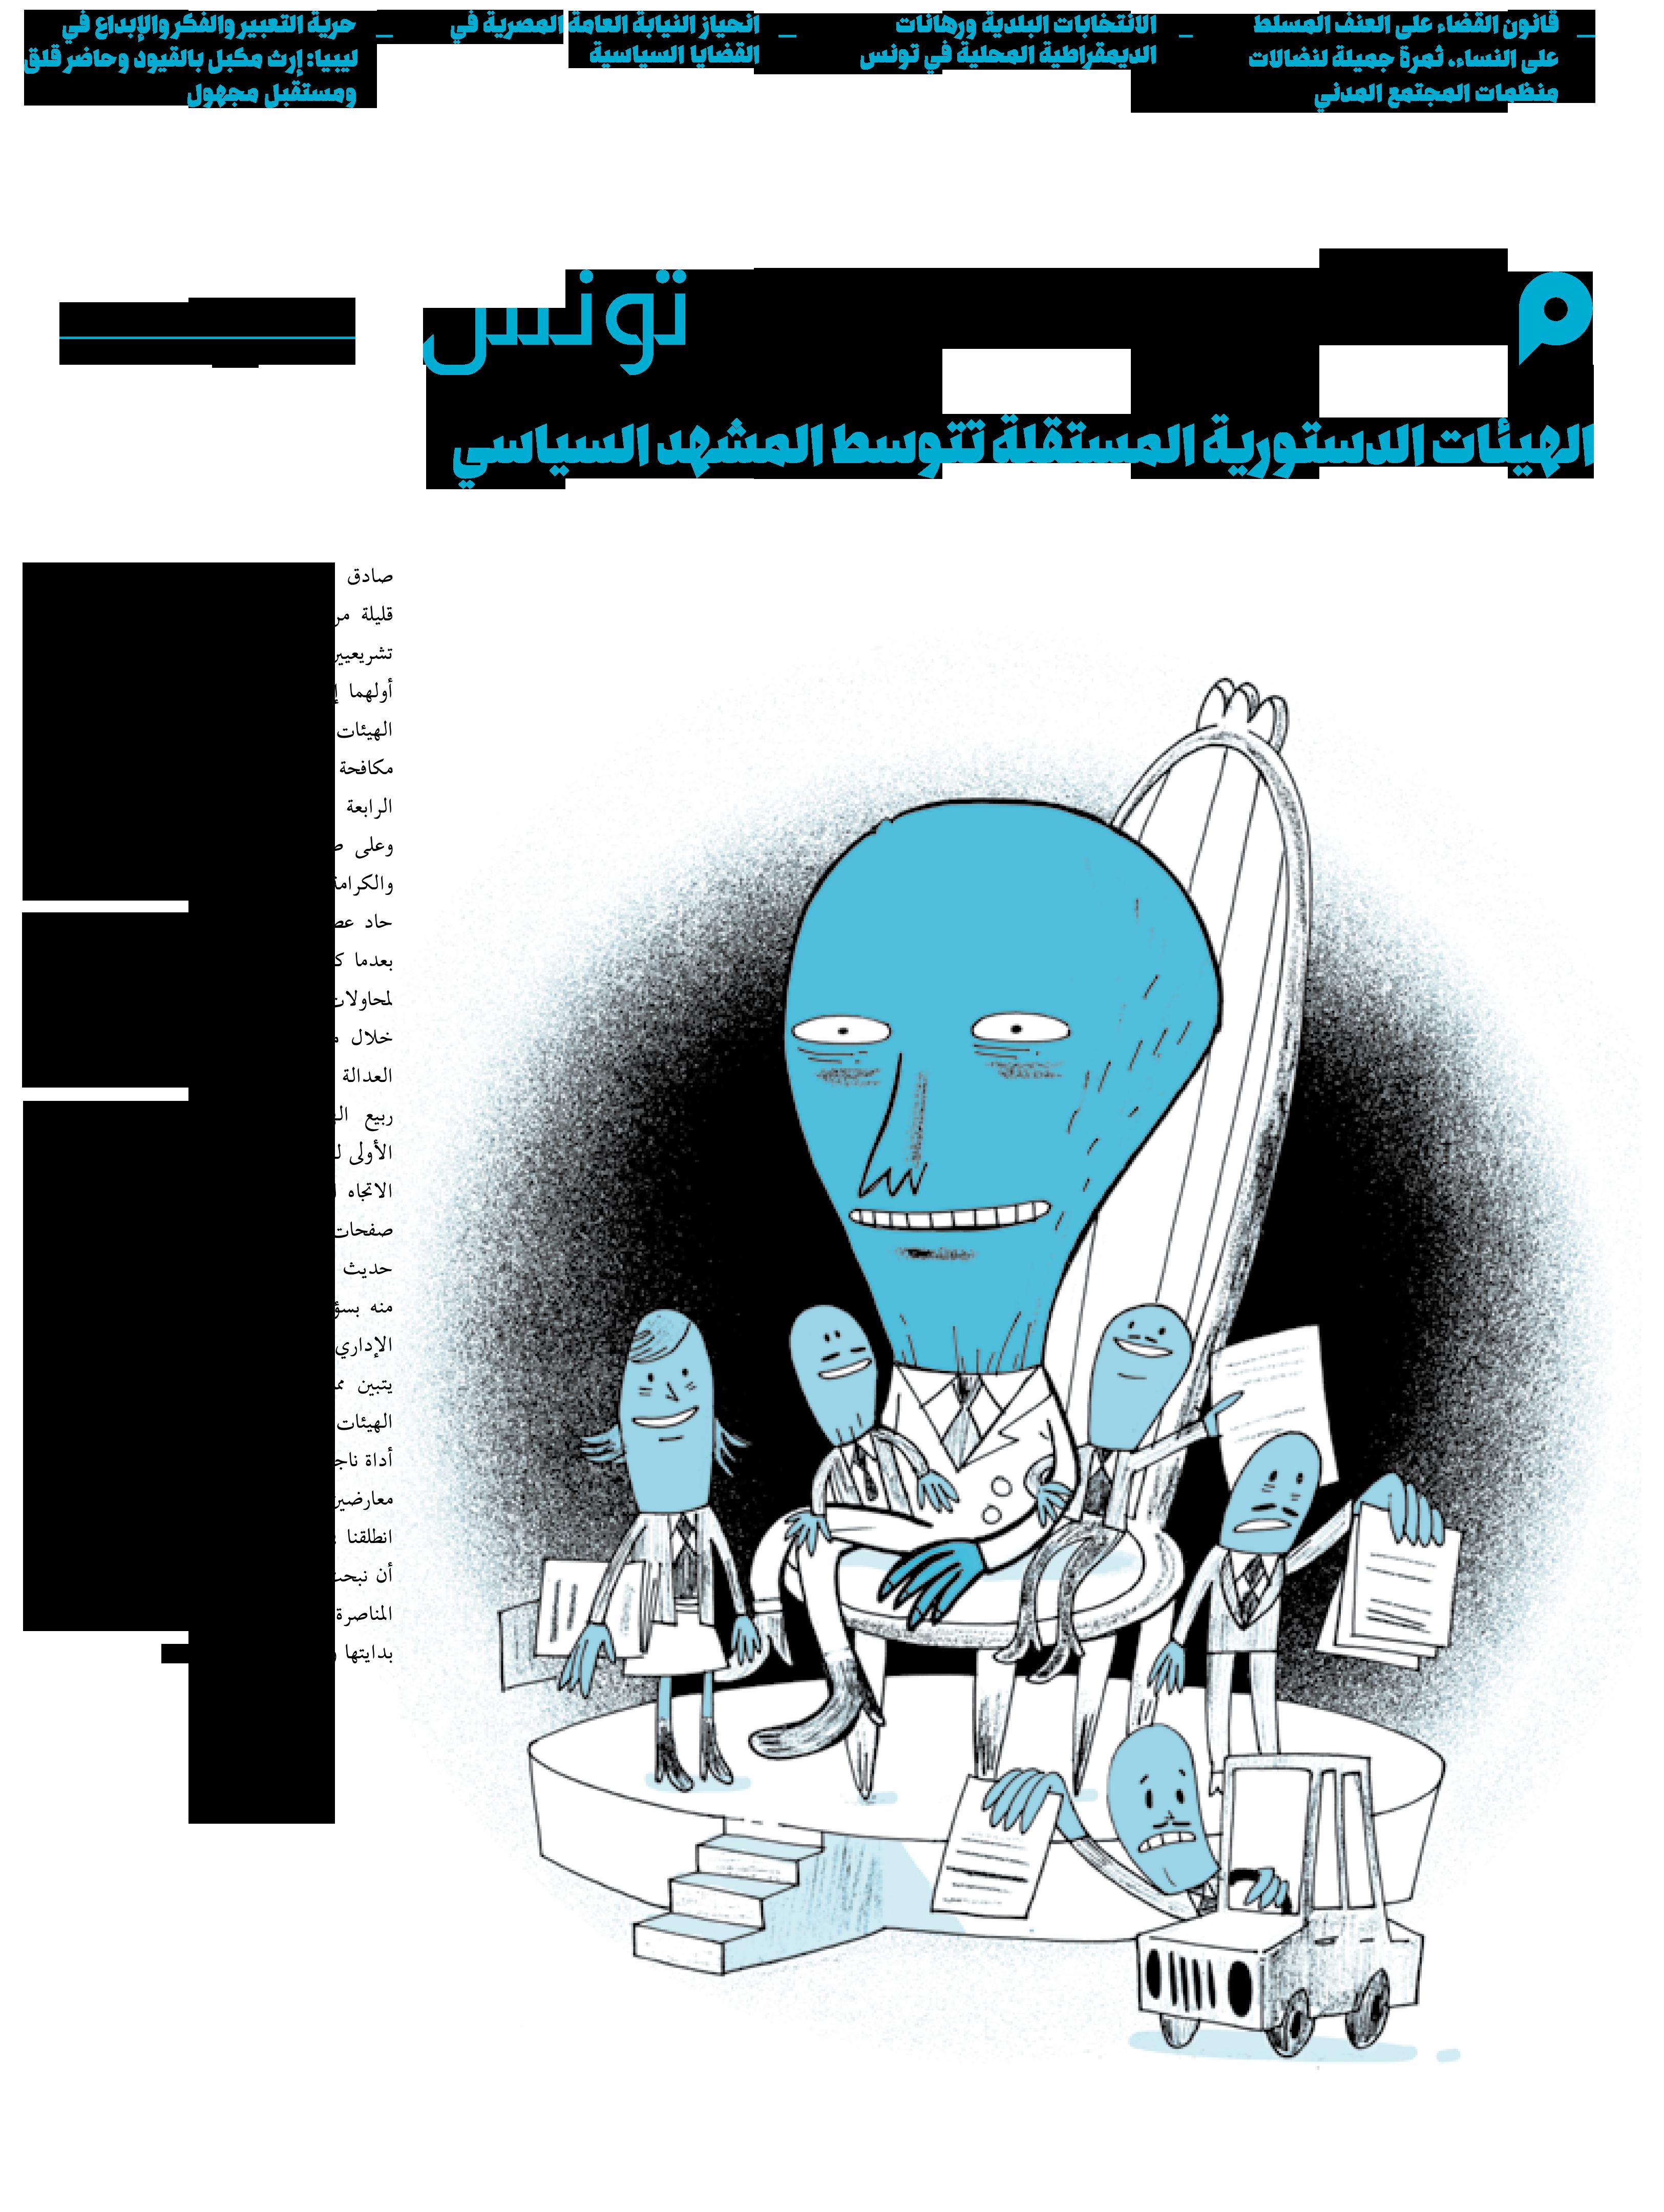 العدد 9 من مجلة المفكرة القانونية في تونس: